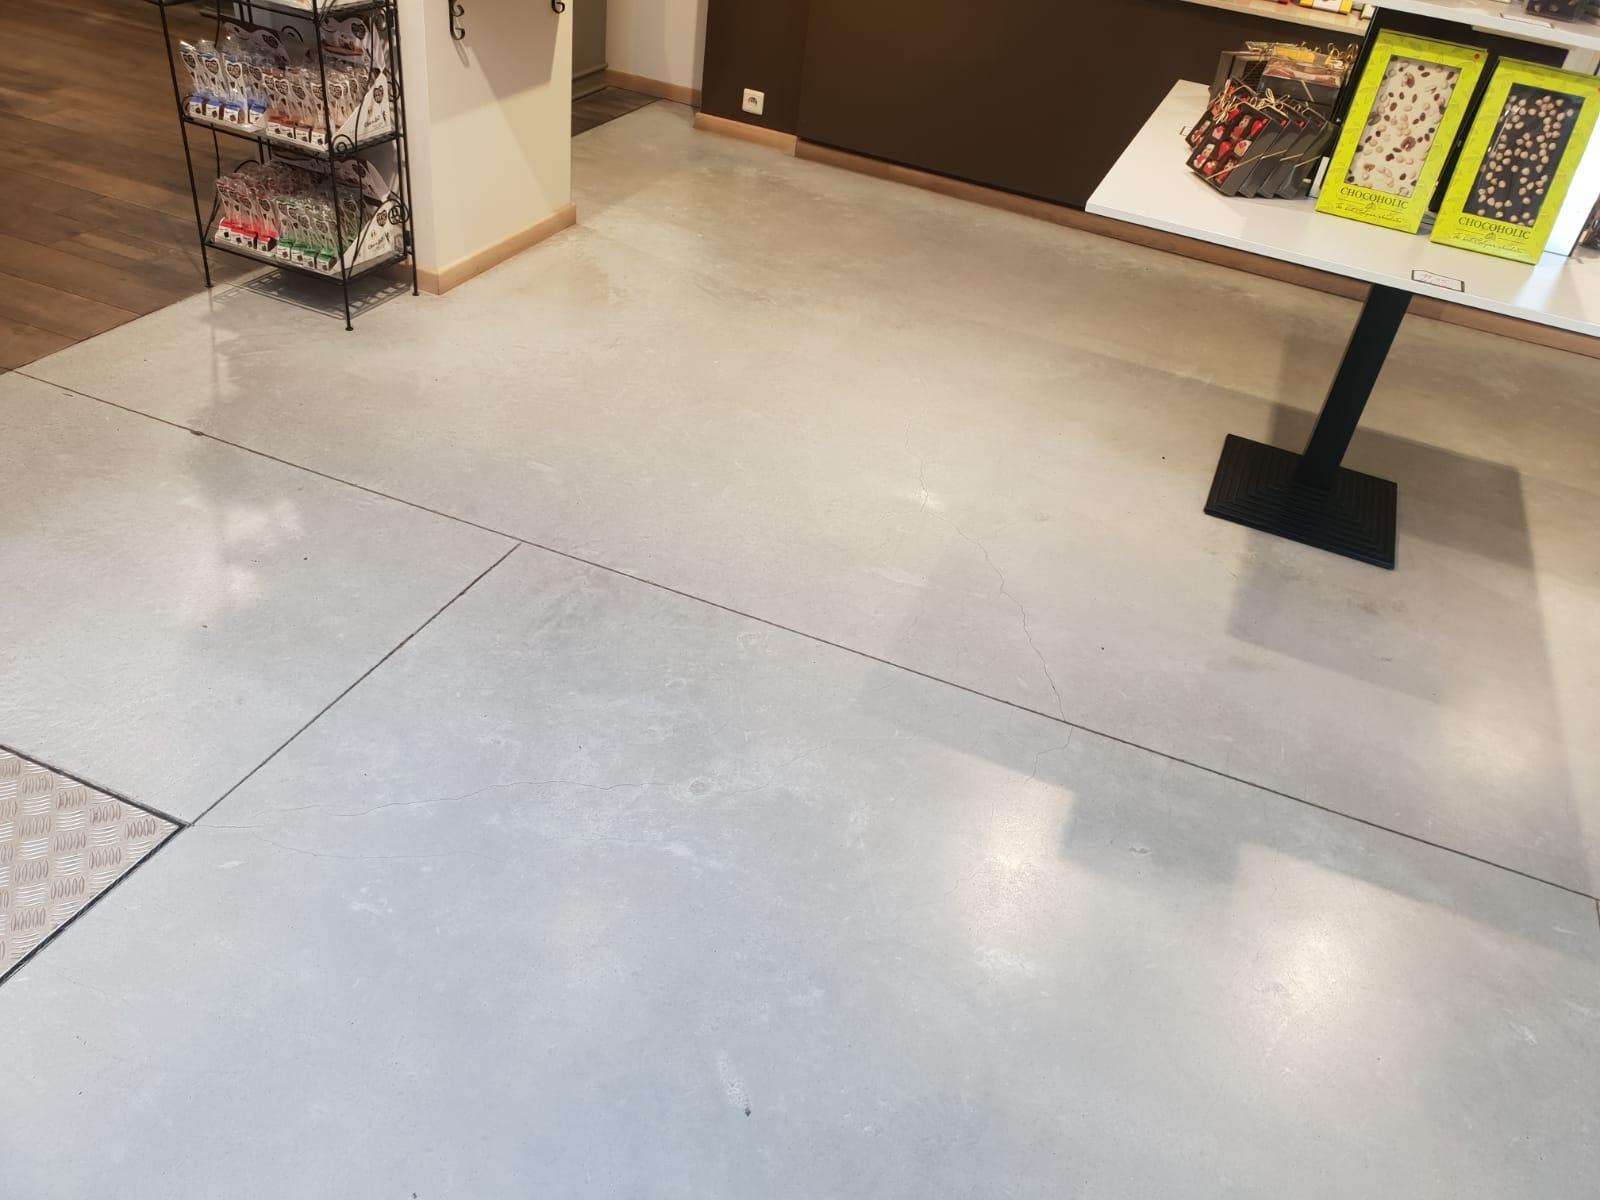 waarom een betonvloer inzagen?a